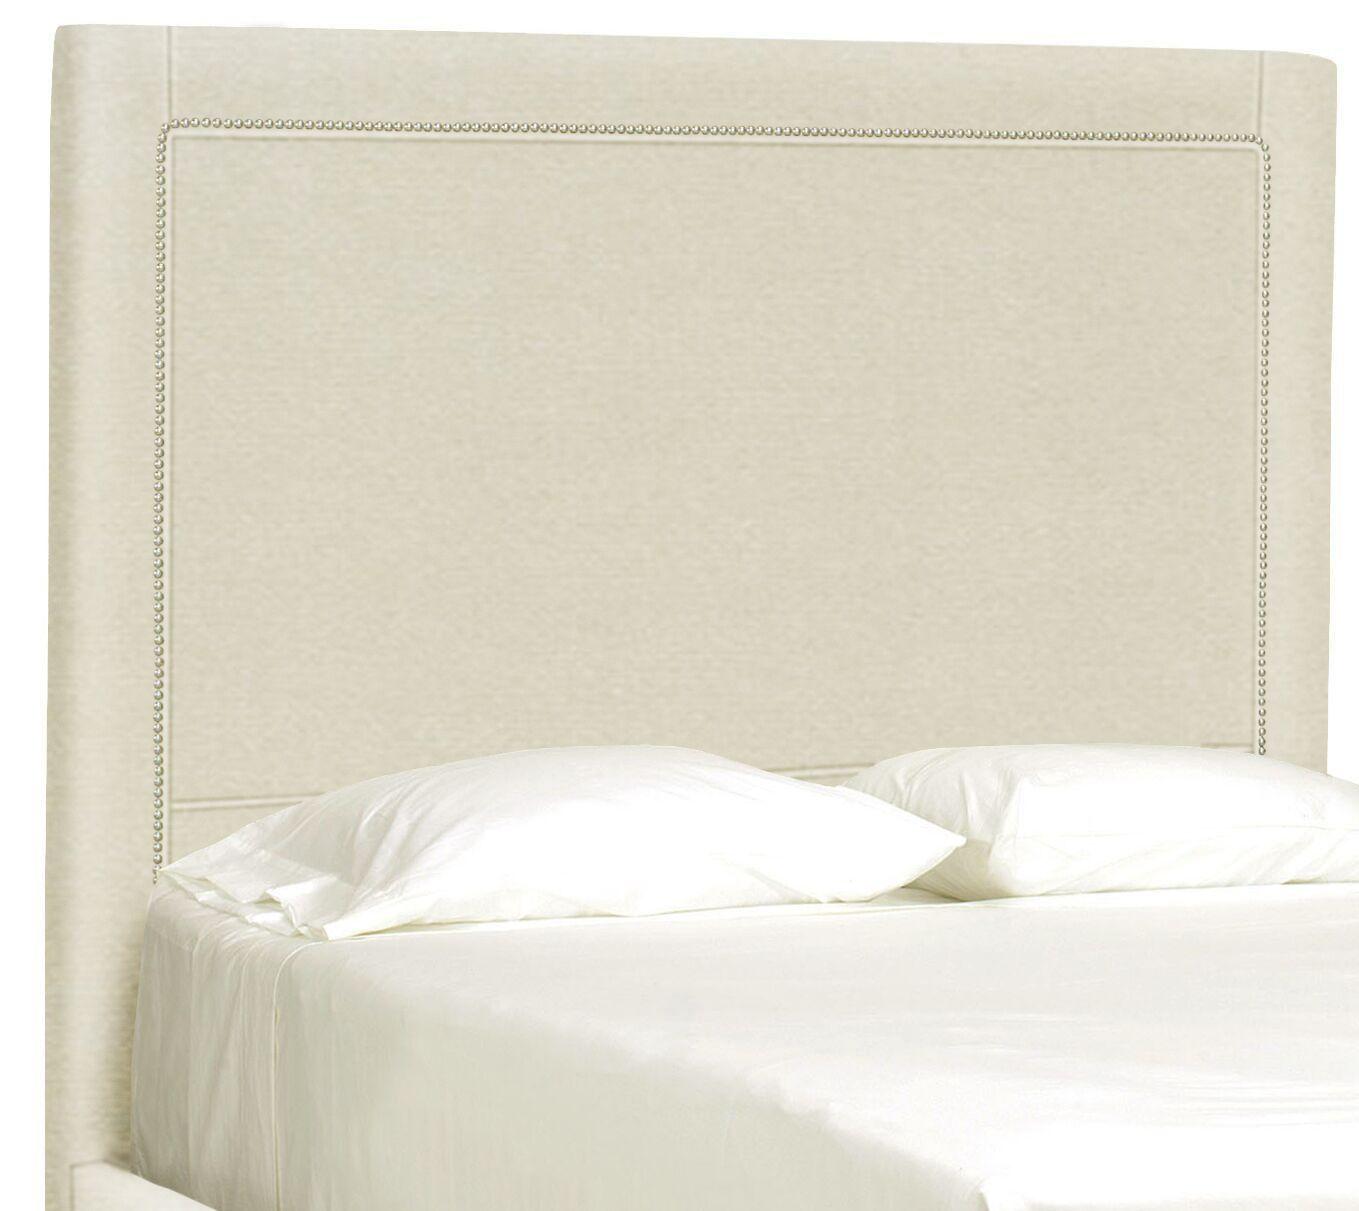 Dreamtime Upholstered Panel Headboard Size: Full, Upholstery: Cream